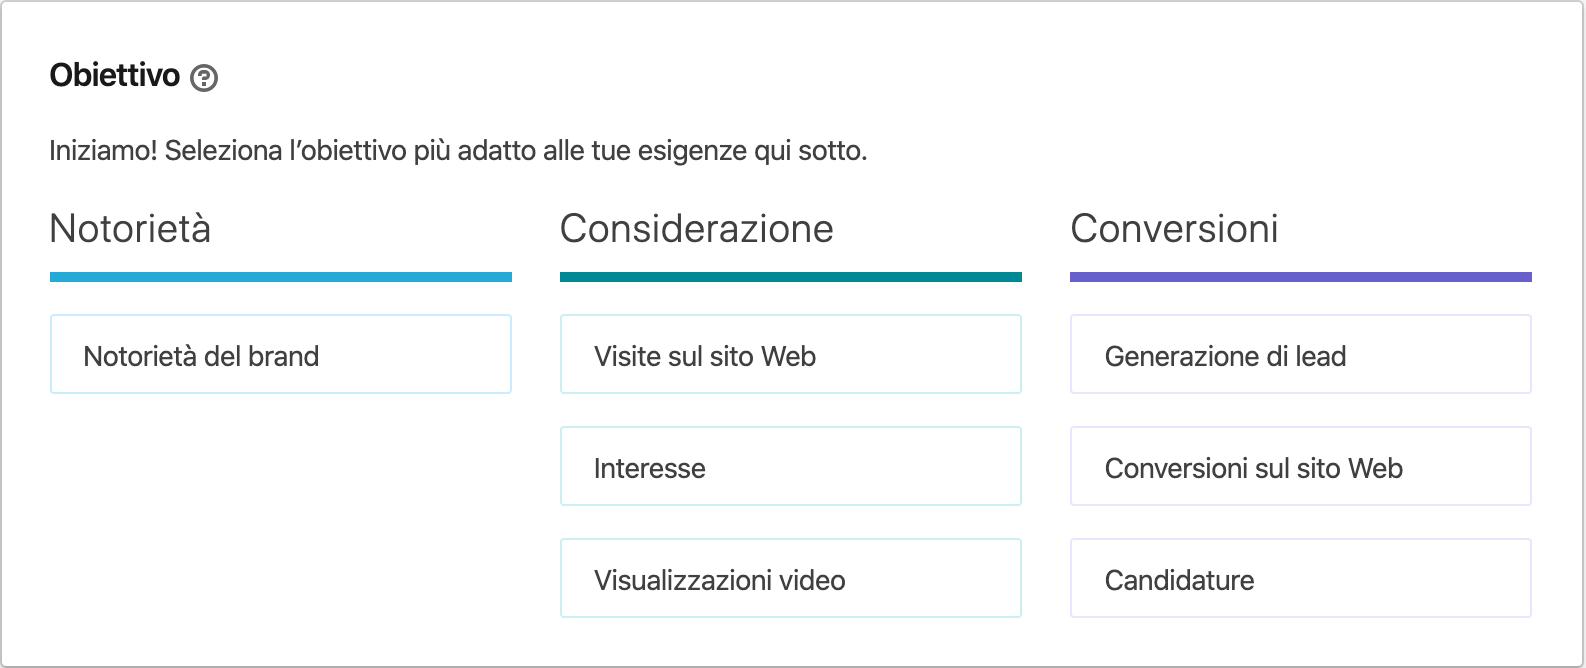 LinkedIn Avdertising - Obiettivi